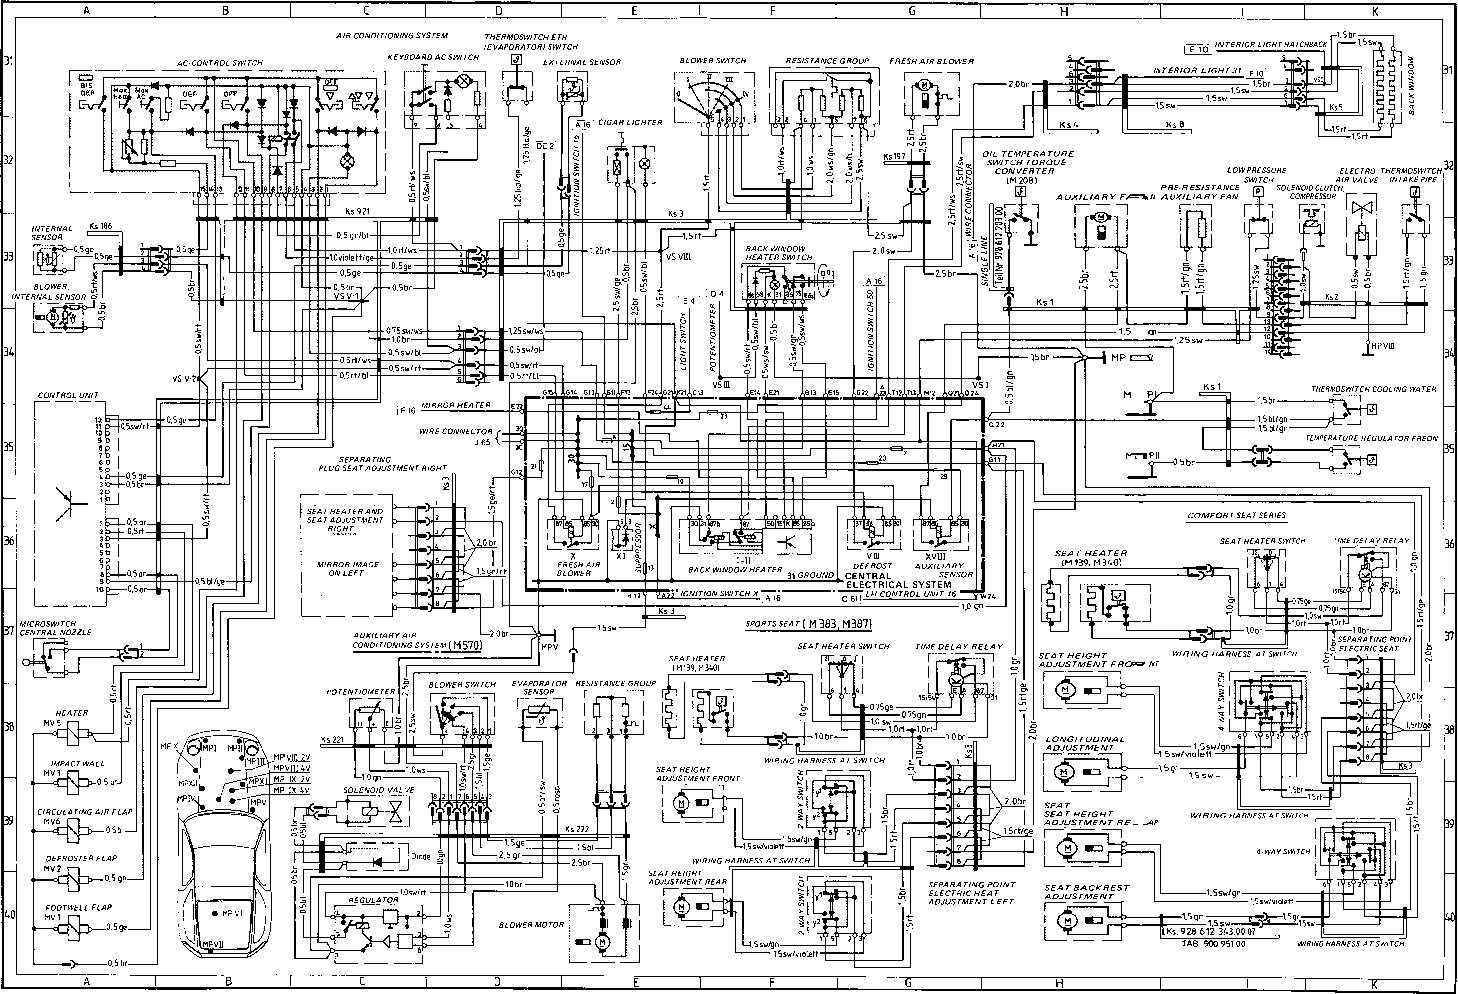 Ziemlich Porsche Schaltplan Zeitgenössisch - Der Schaltplan ...